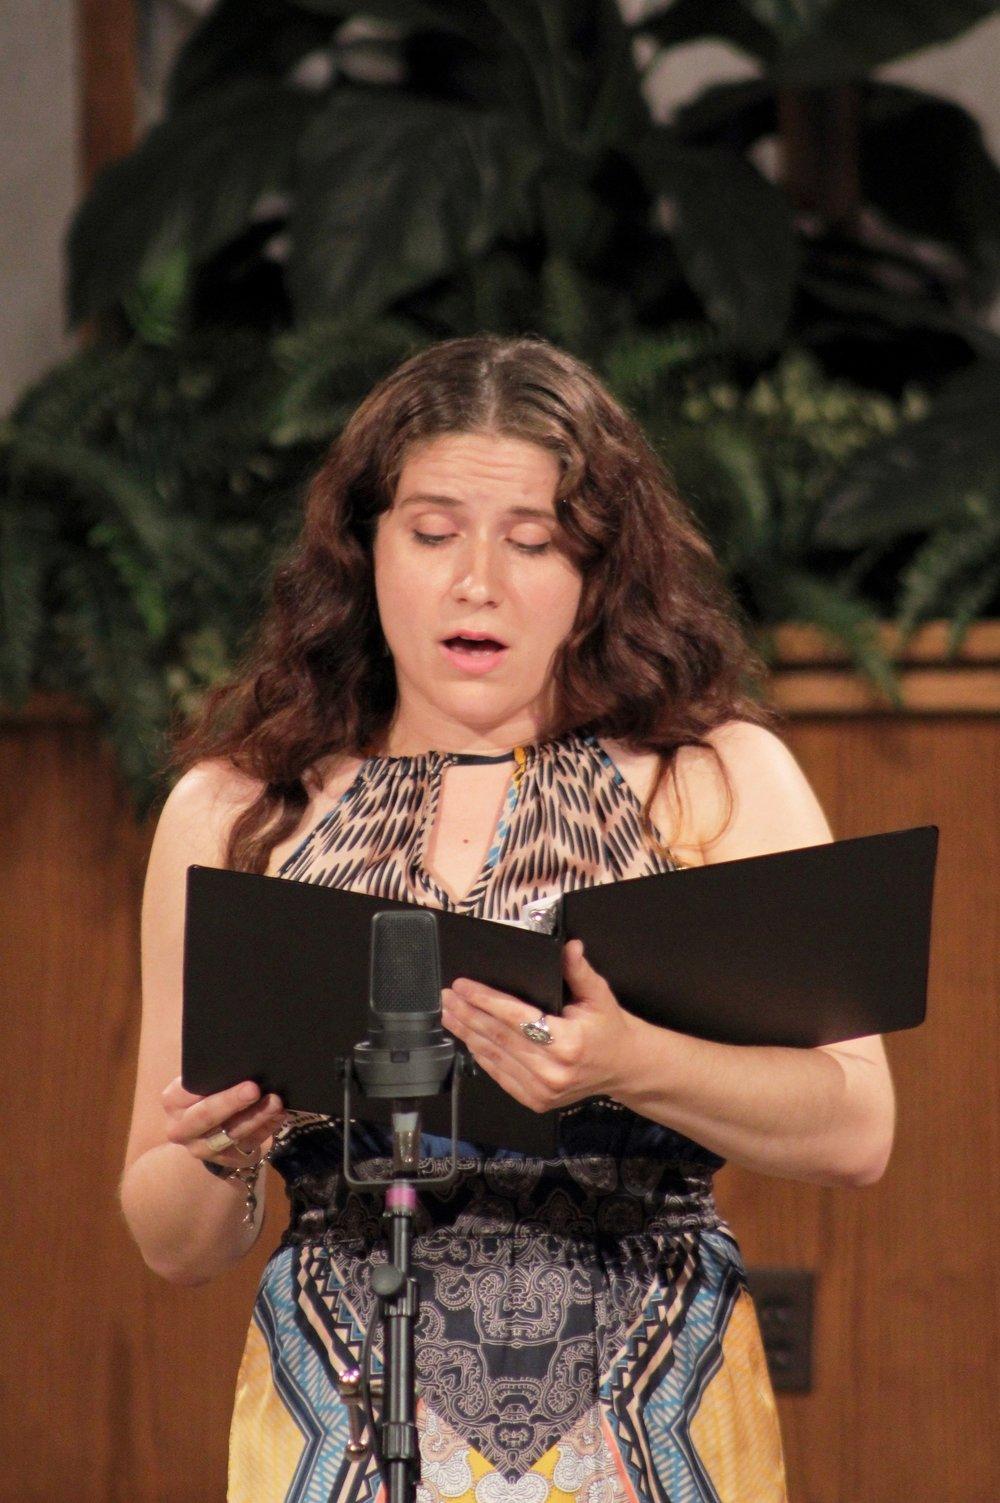 An die Musik A Concert by Joannah Lodico (15).JPG